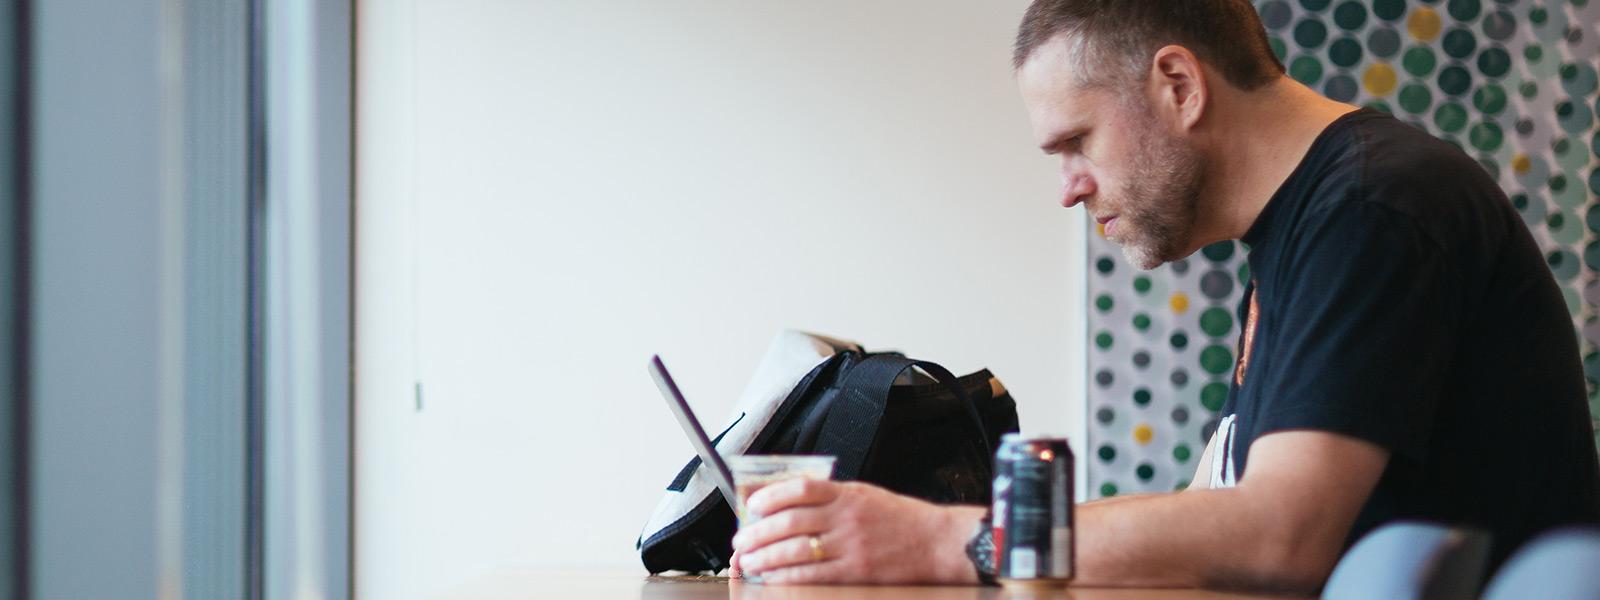 Vīrietis, kas sēž pie galda un strādā ar Windows10 datoru